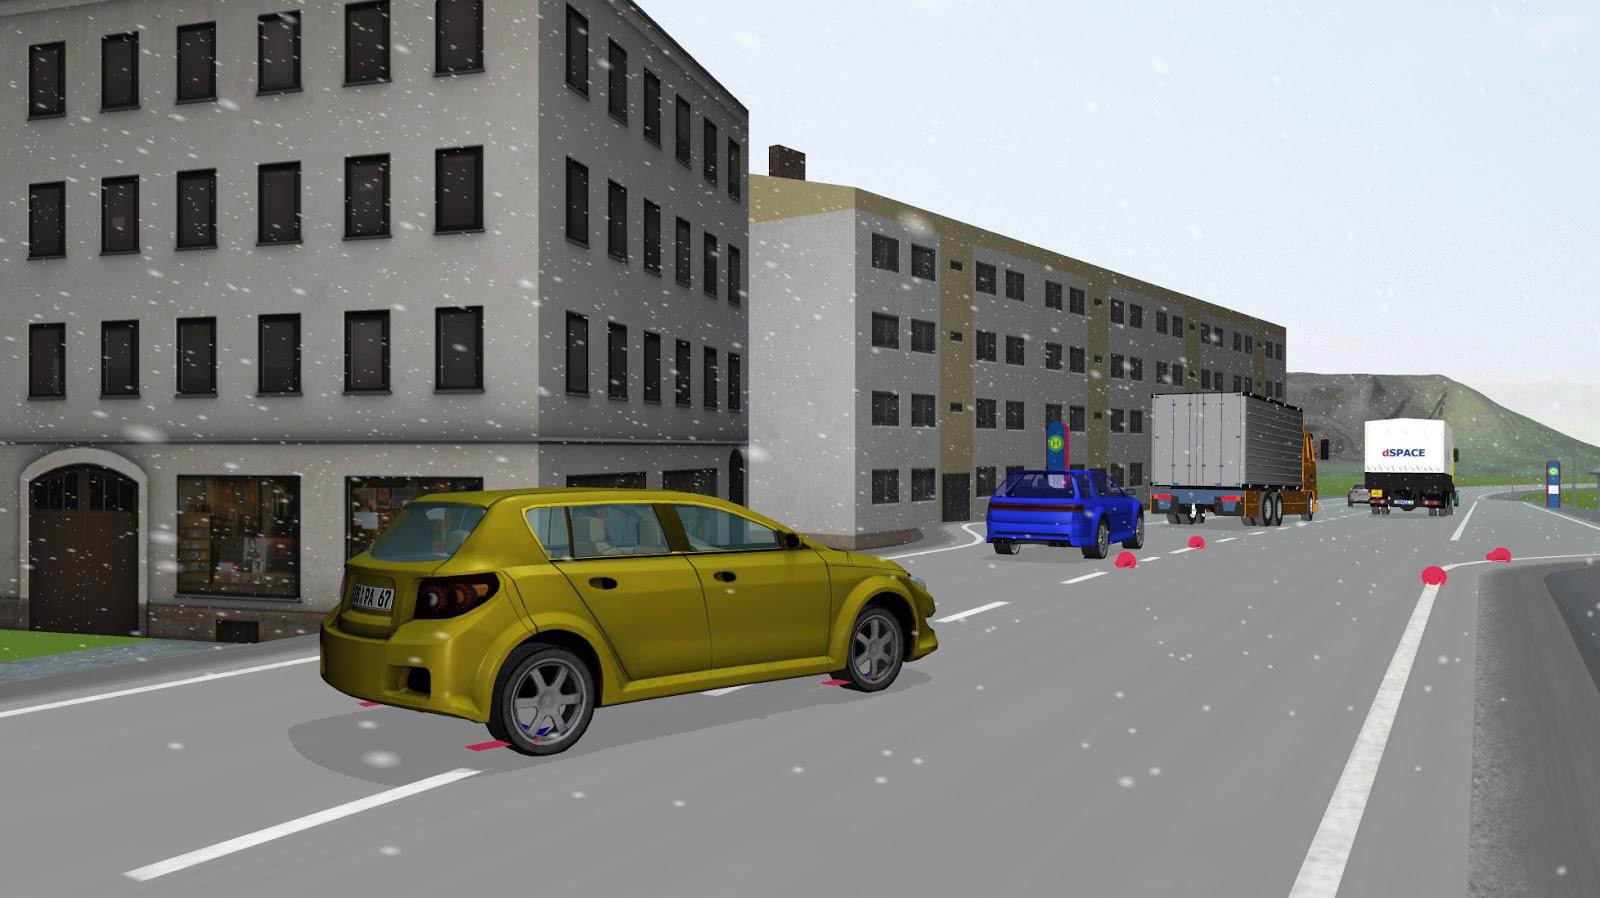 voiture du futur un logiciel de simulation r aliste chez dspace pour d velopper les aides la. Black Bedroom Furniture Sets. Home Design Ideas